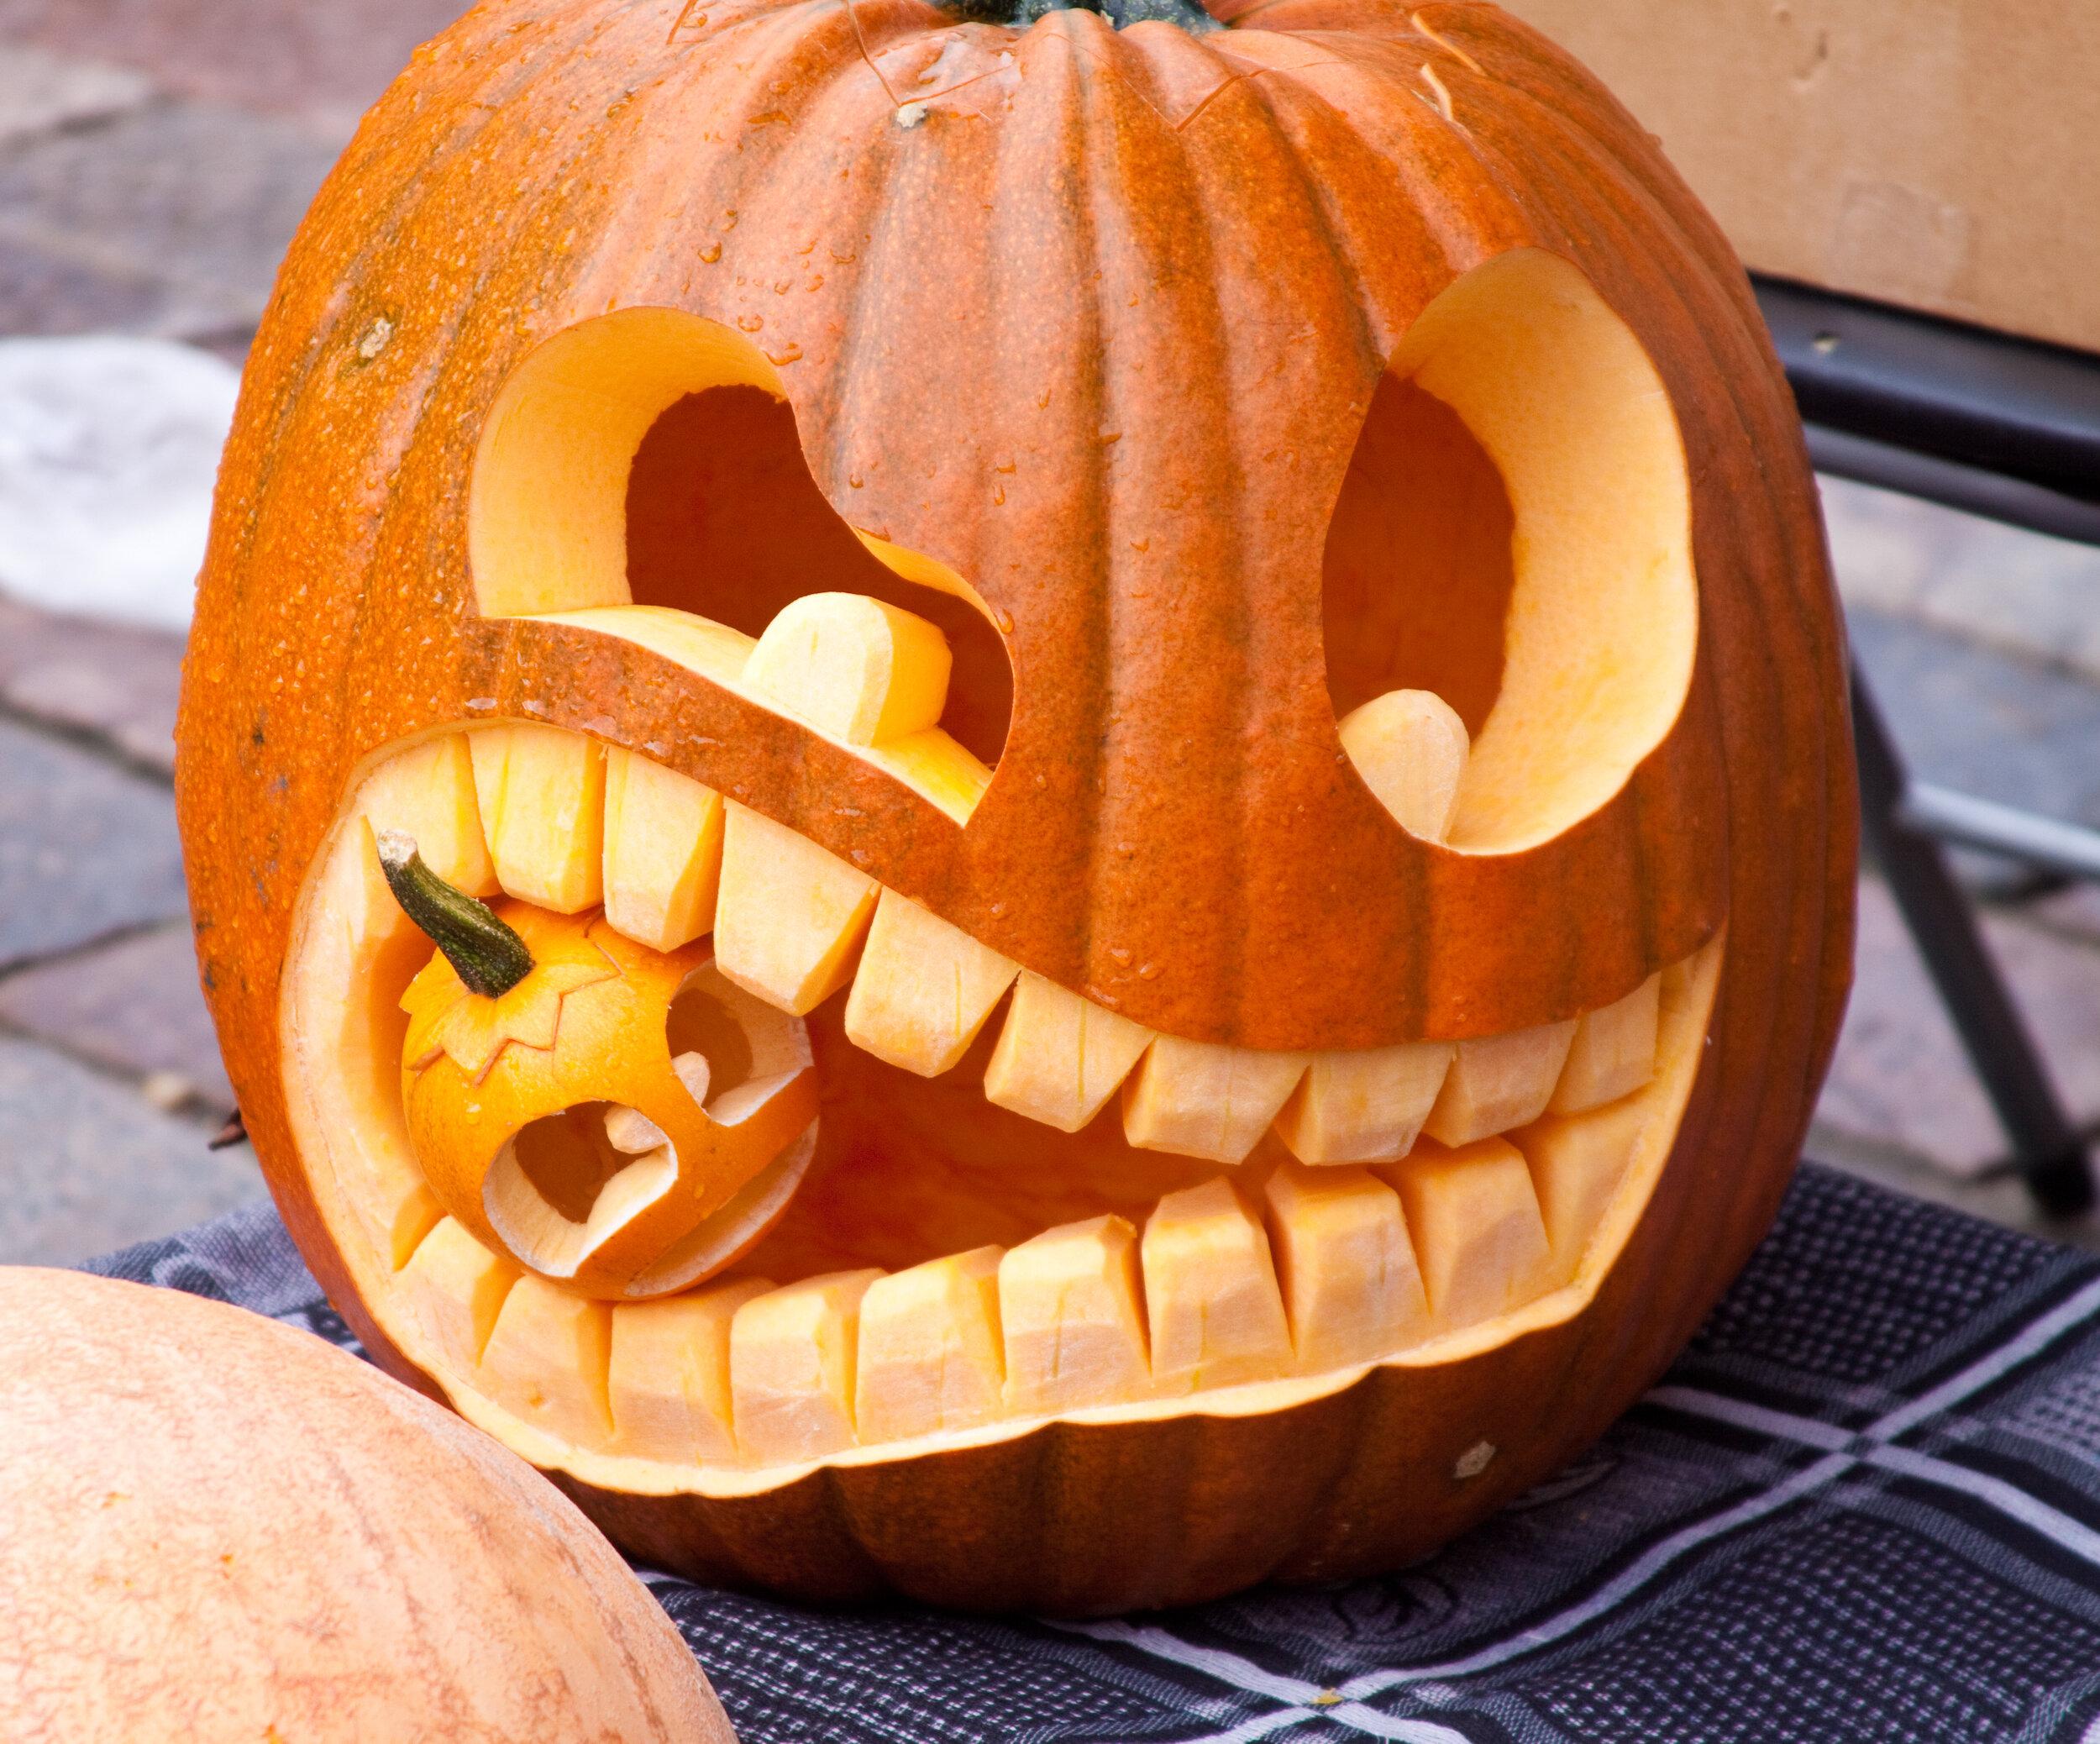 seasonal-team-building-pumpkin-carving.jpg